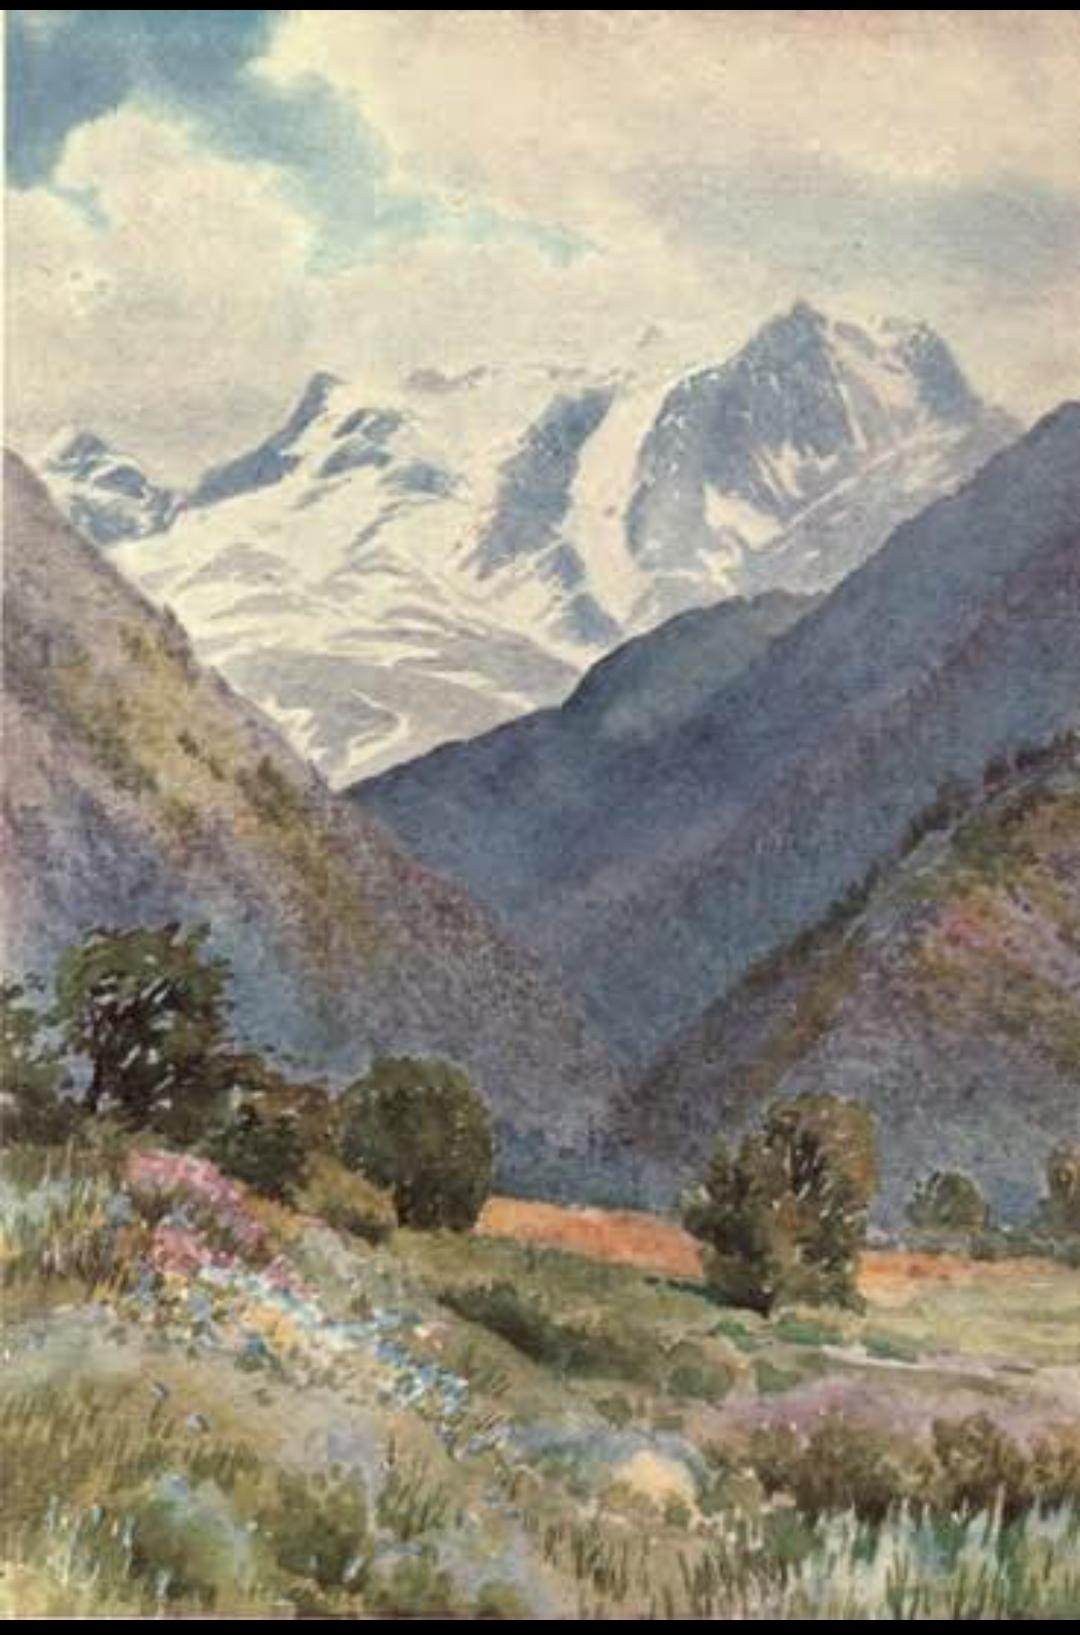 কাশ্মীরি কবি আরনিমাল-এর কবিতা <br /> অনুবাদ ও ভূমিকা – সায়ন রায়